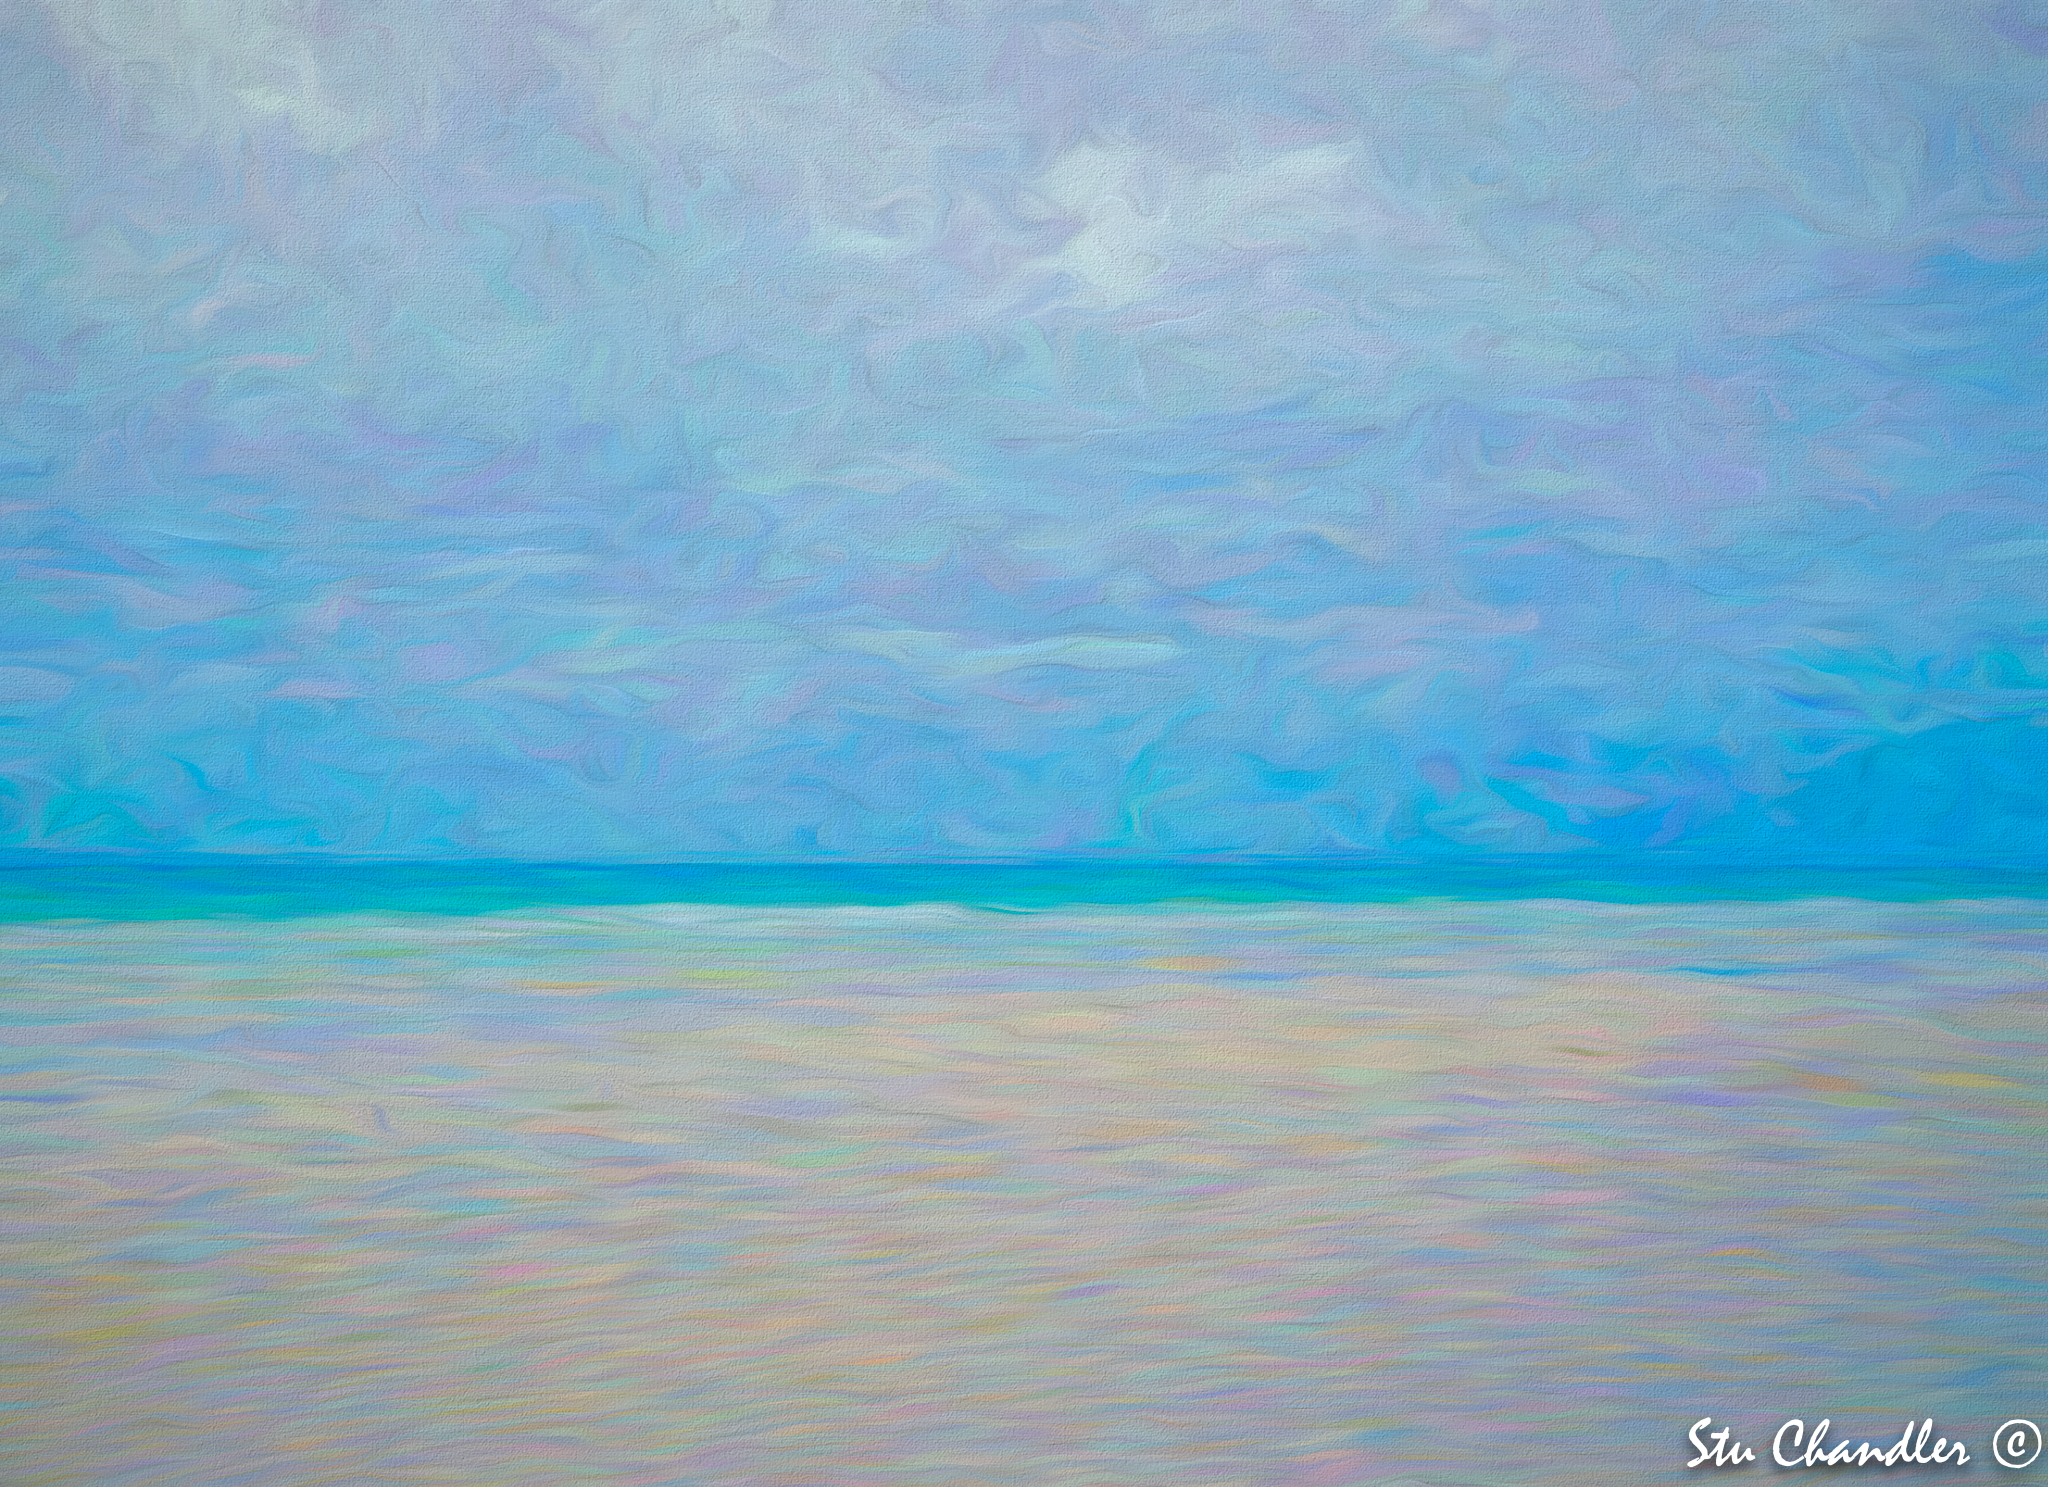 Bahamas - Freeport (1990)